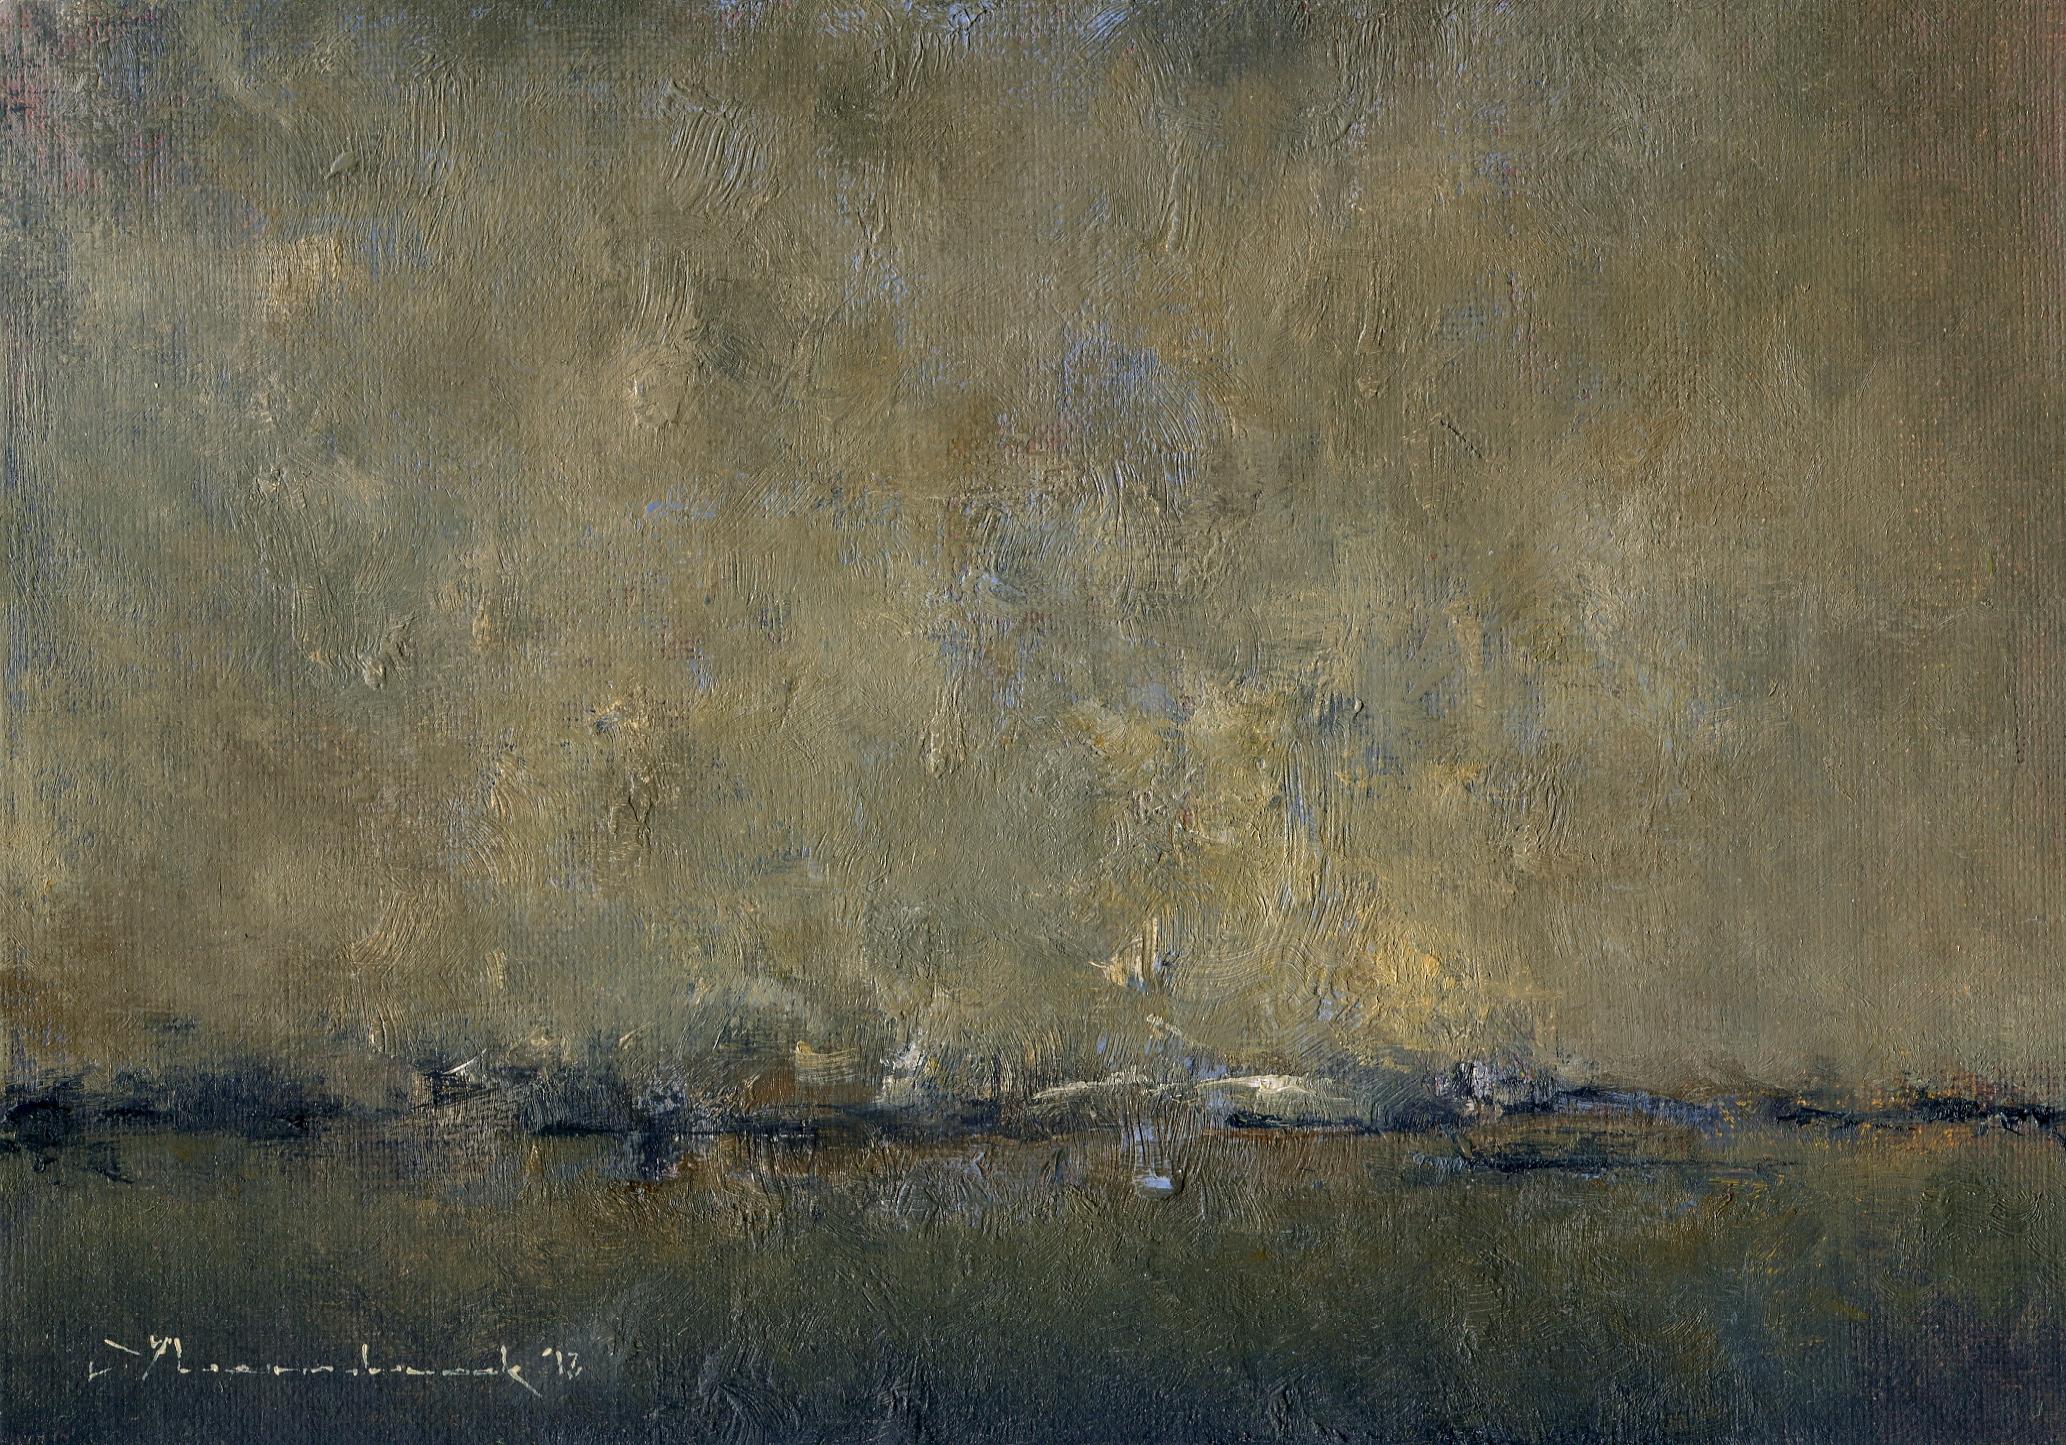 dusk longing